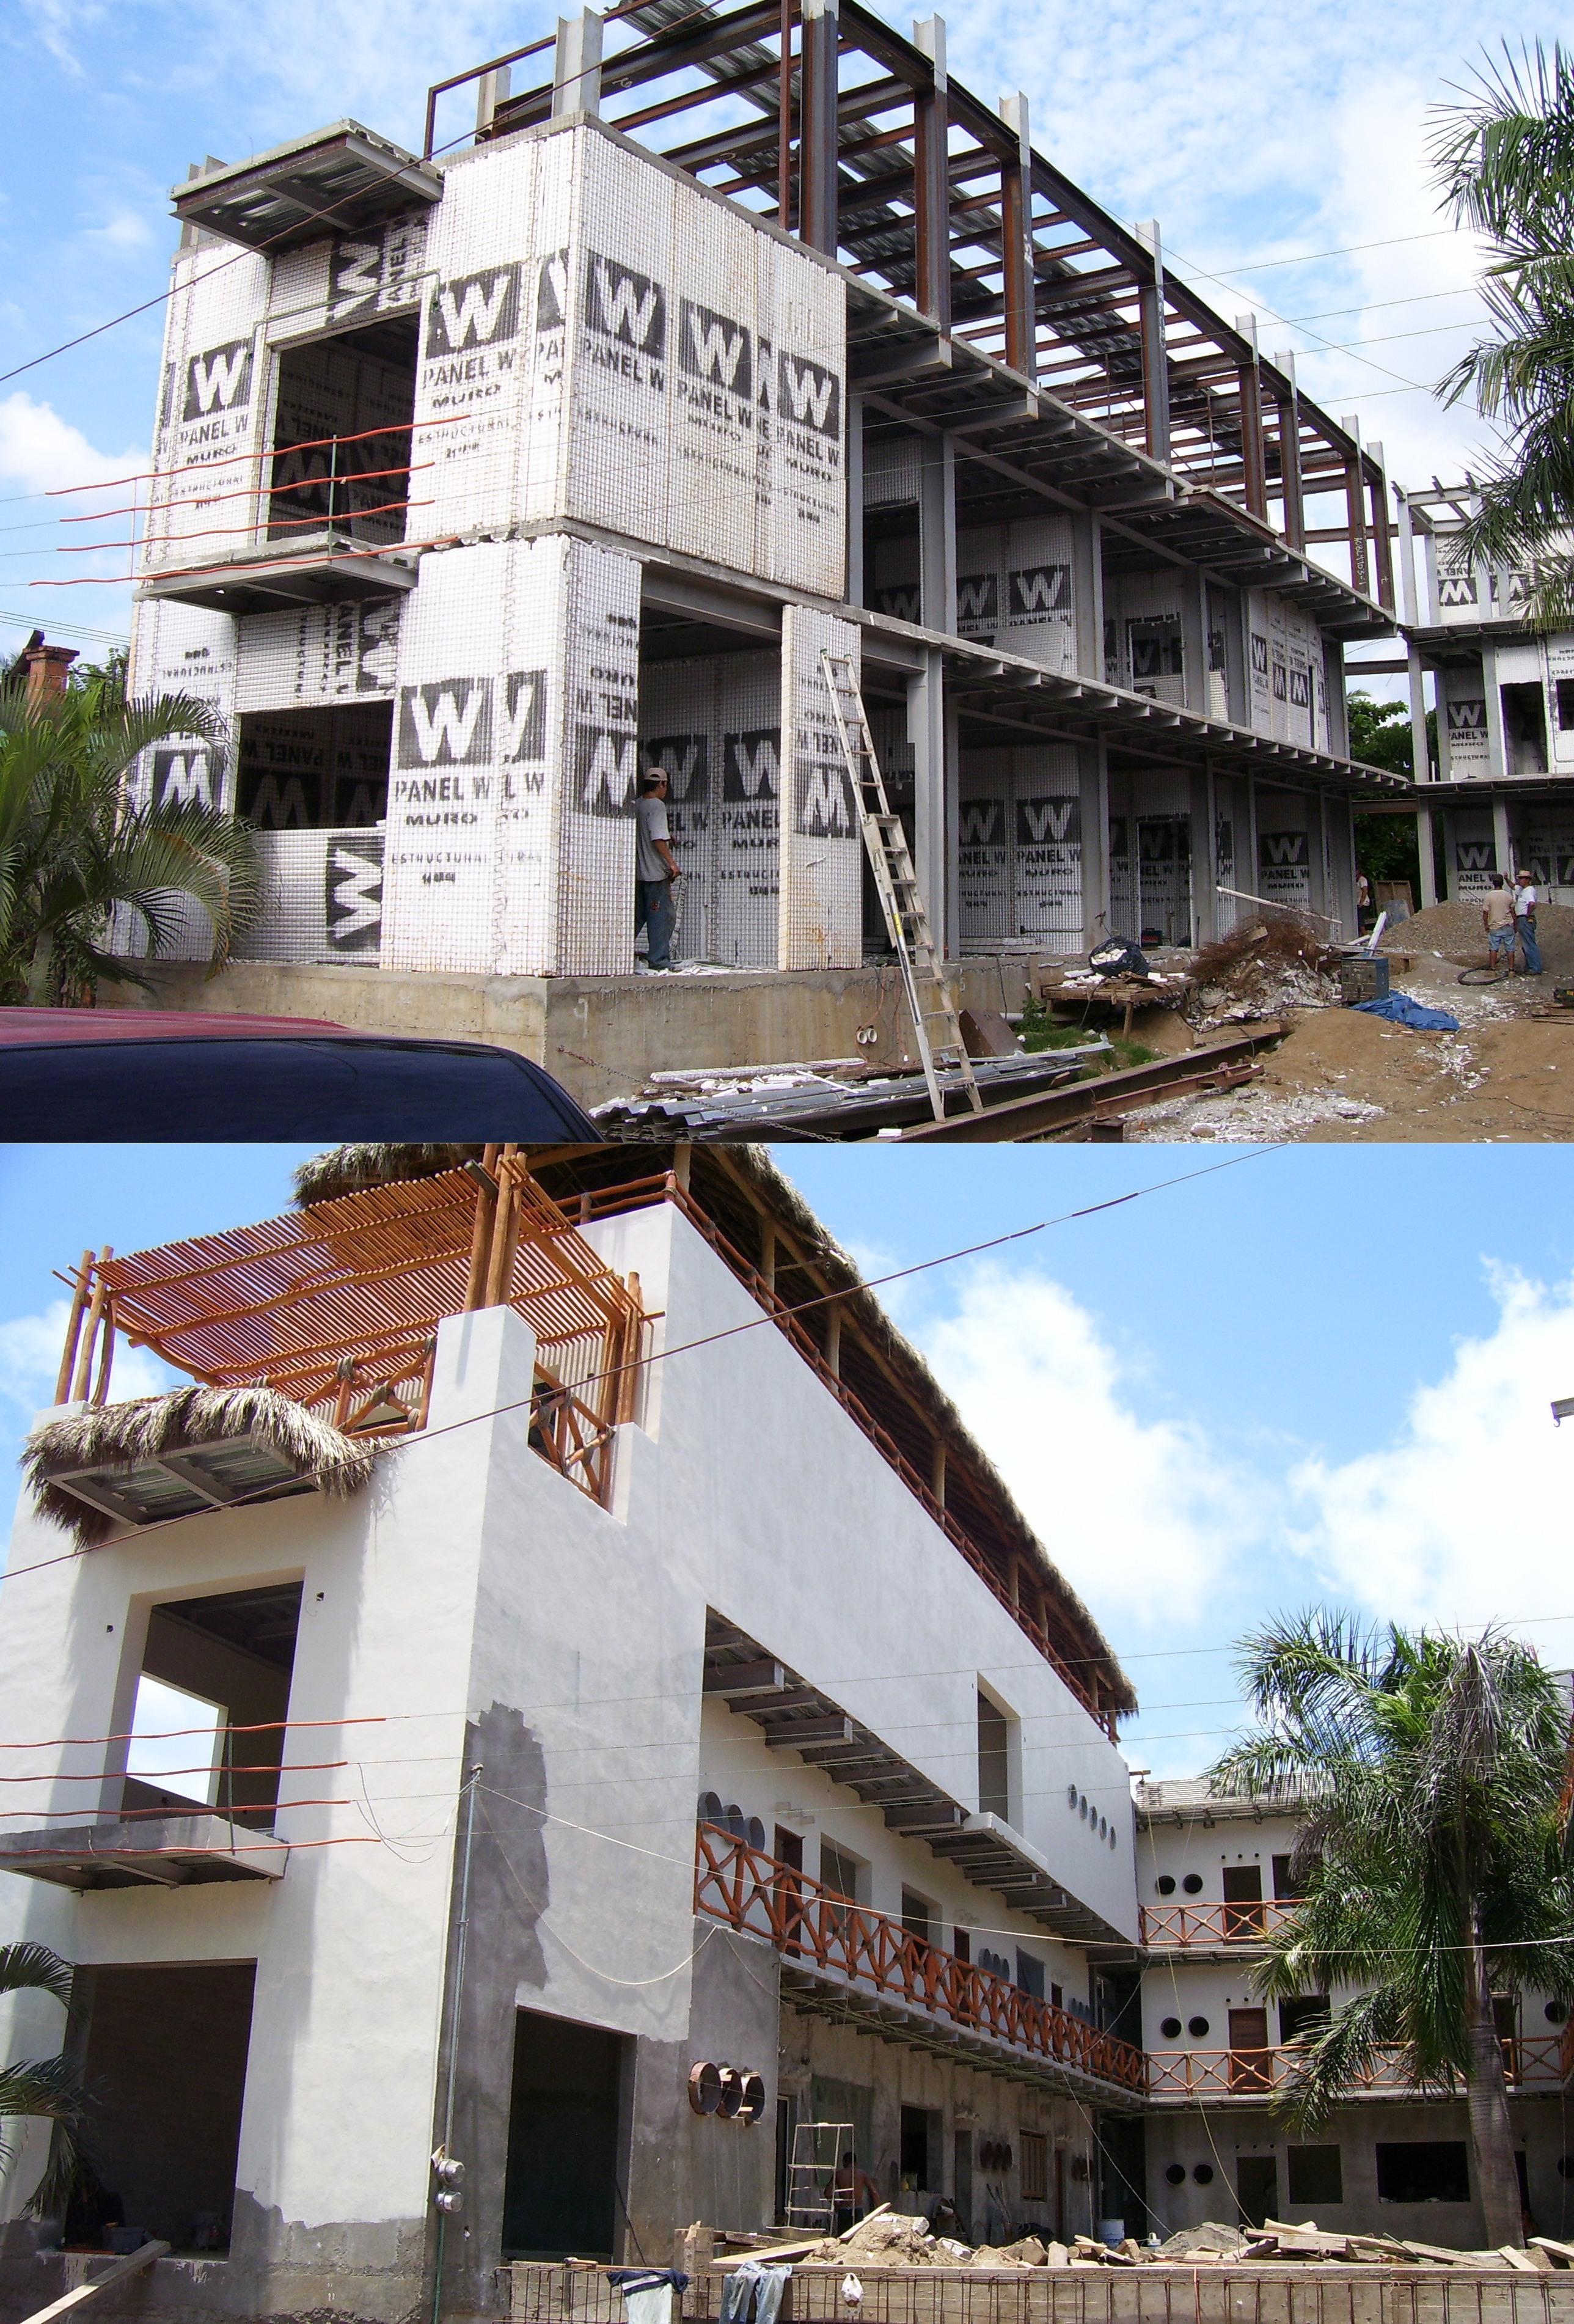 Hotel villas sayulita sayulita nayarit panelw for Villas sayulita